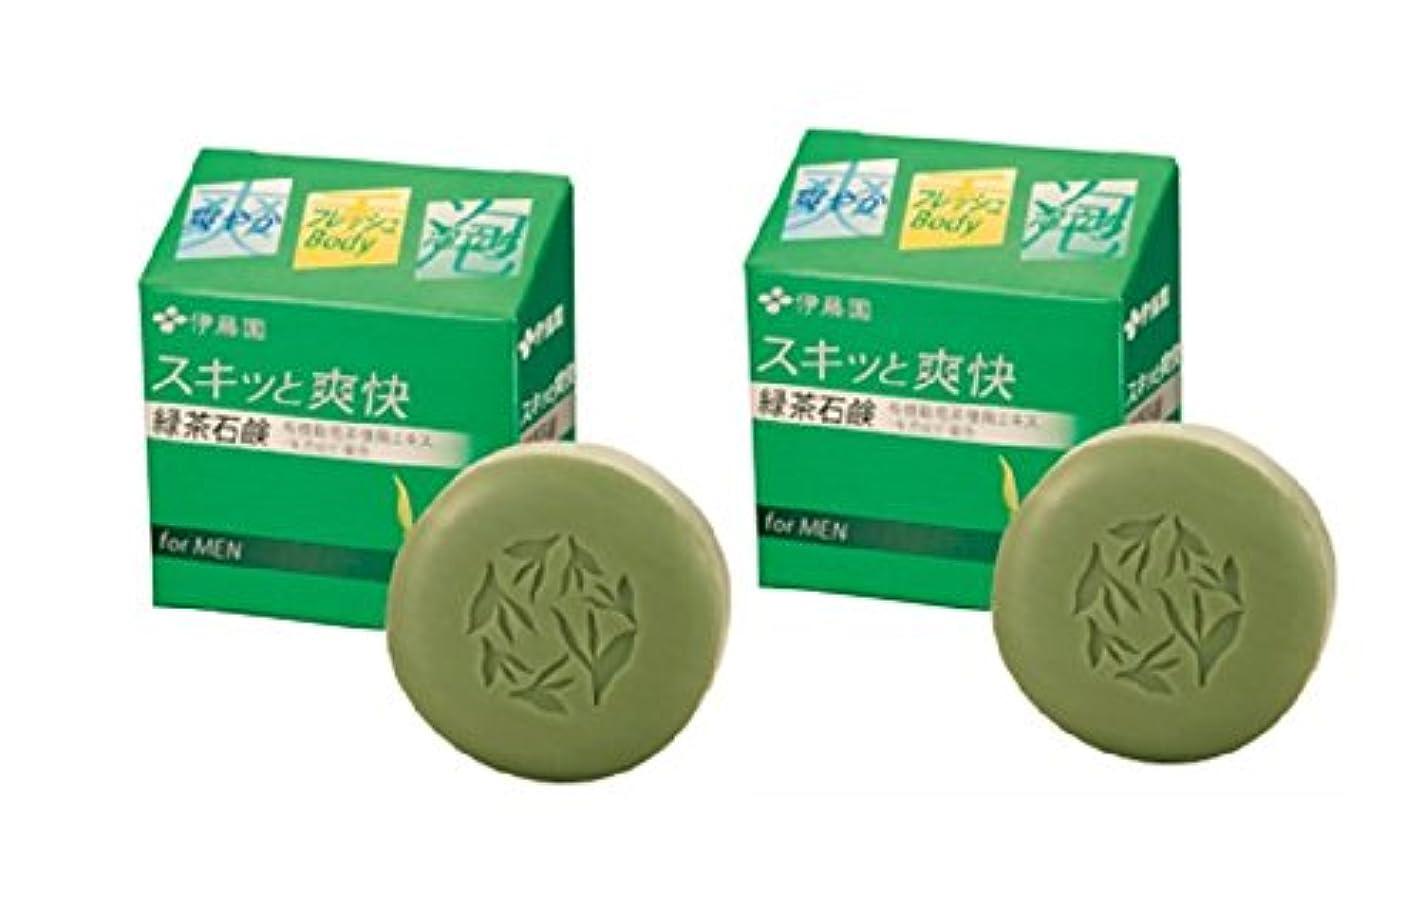 部小説家通り伊藤園 スキッと爽快 緑茶石鹸 男性用 80g×2個セット